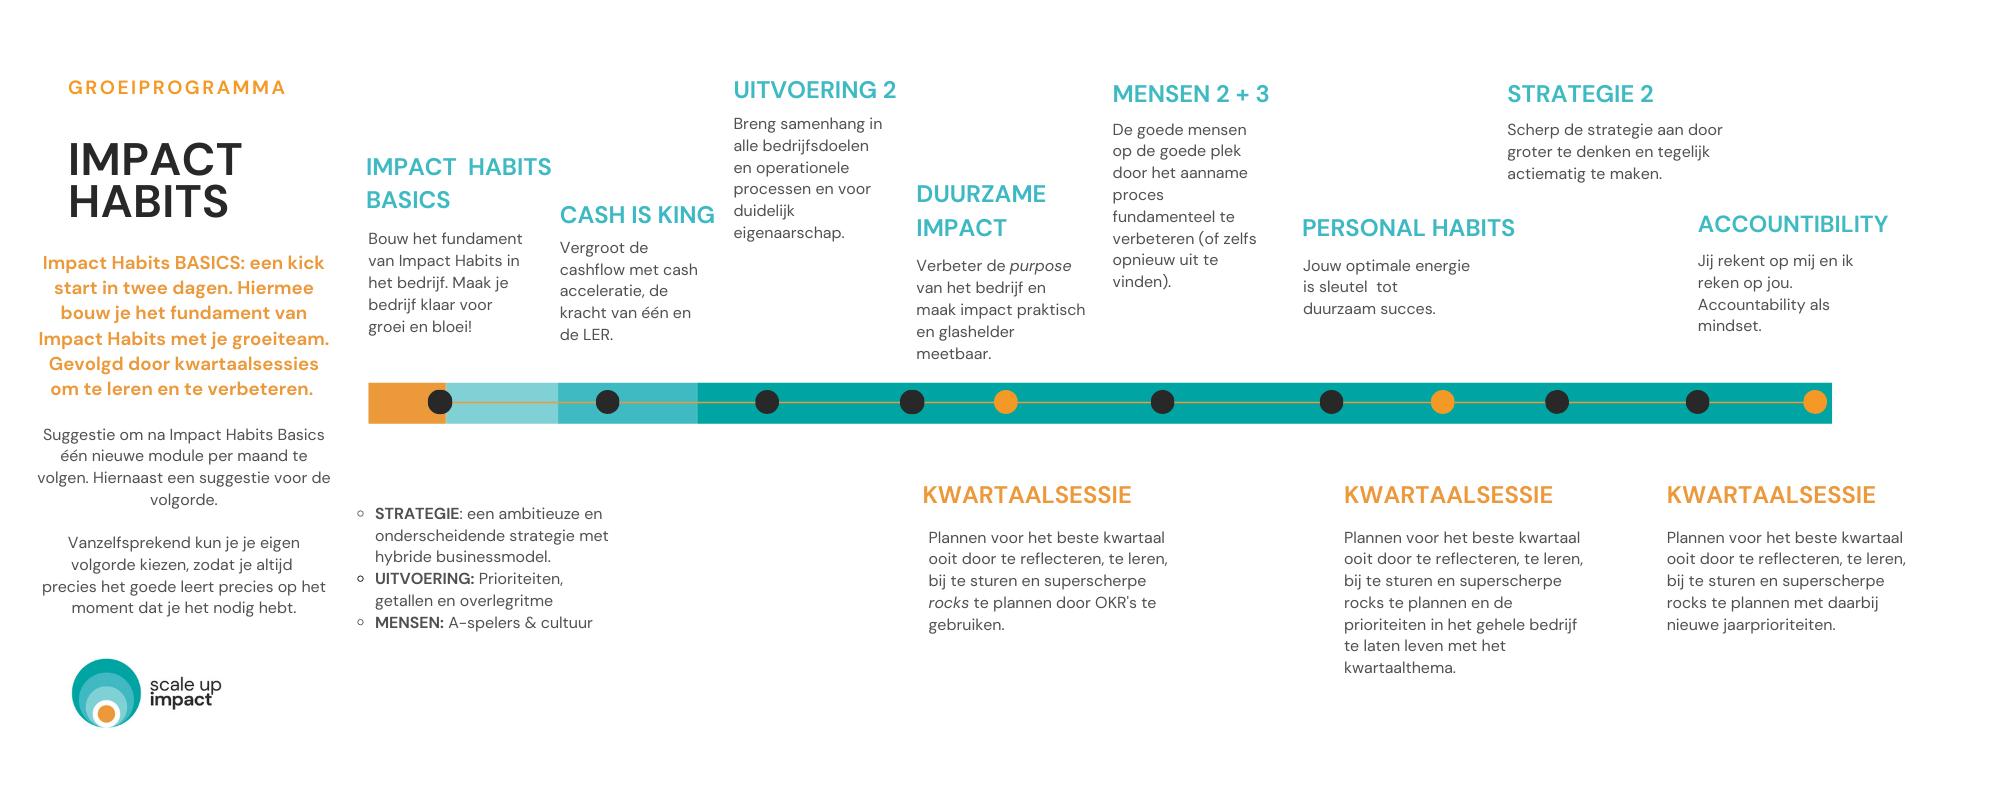 Infographic van het Impact Habits programma van Scaleup Impact